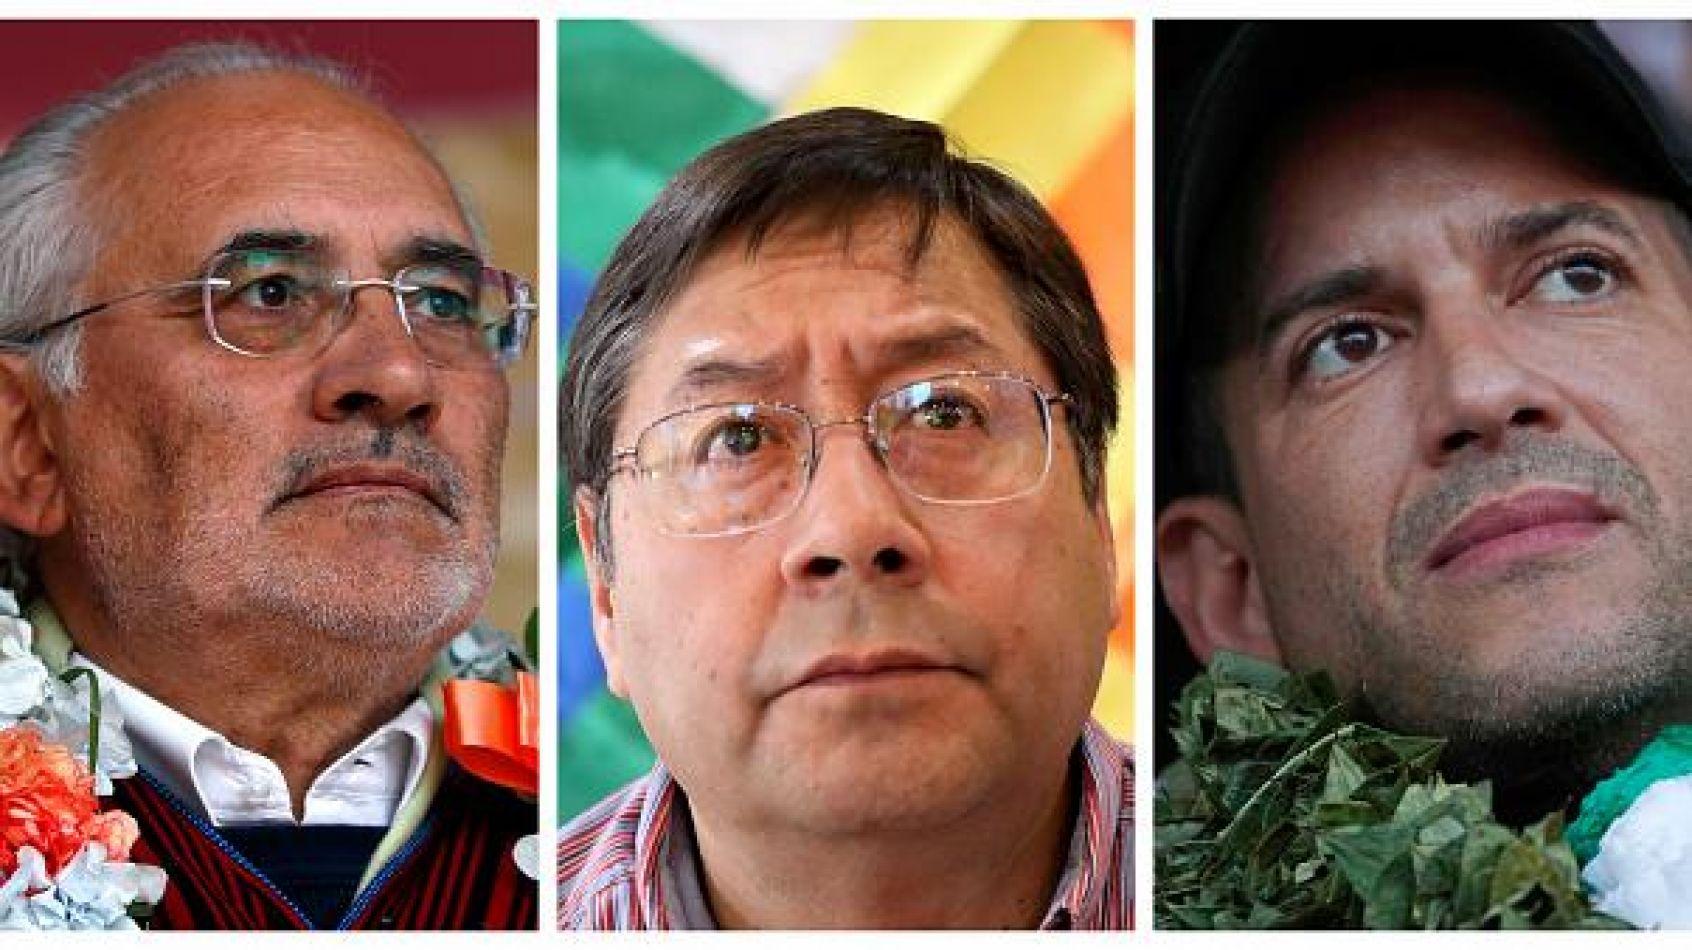 Se desarrollan las elecciones en Bolivia: Luis Arce por el MAS es el favorito